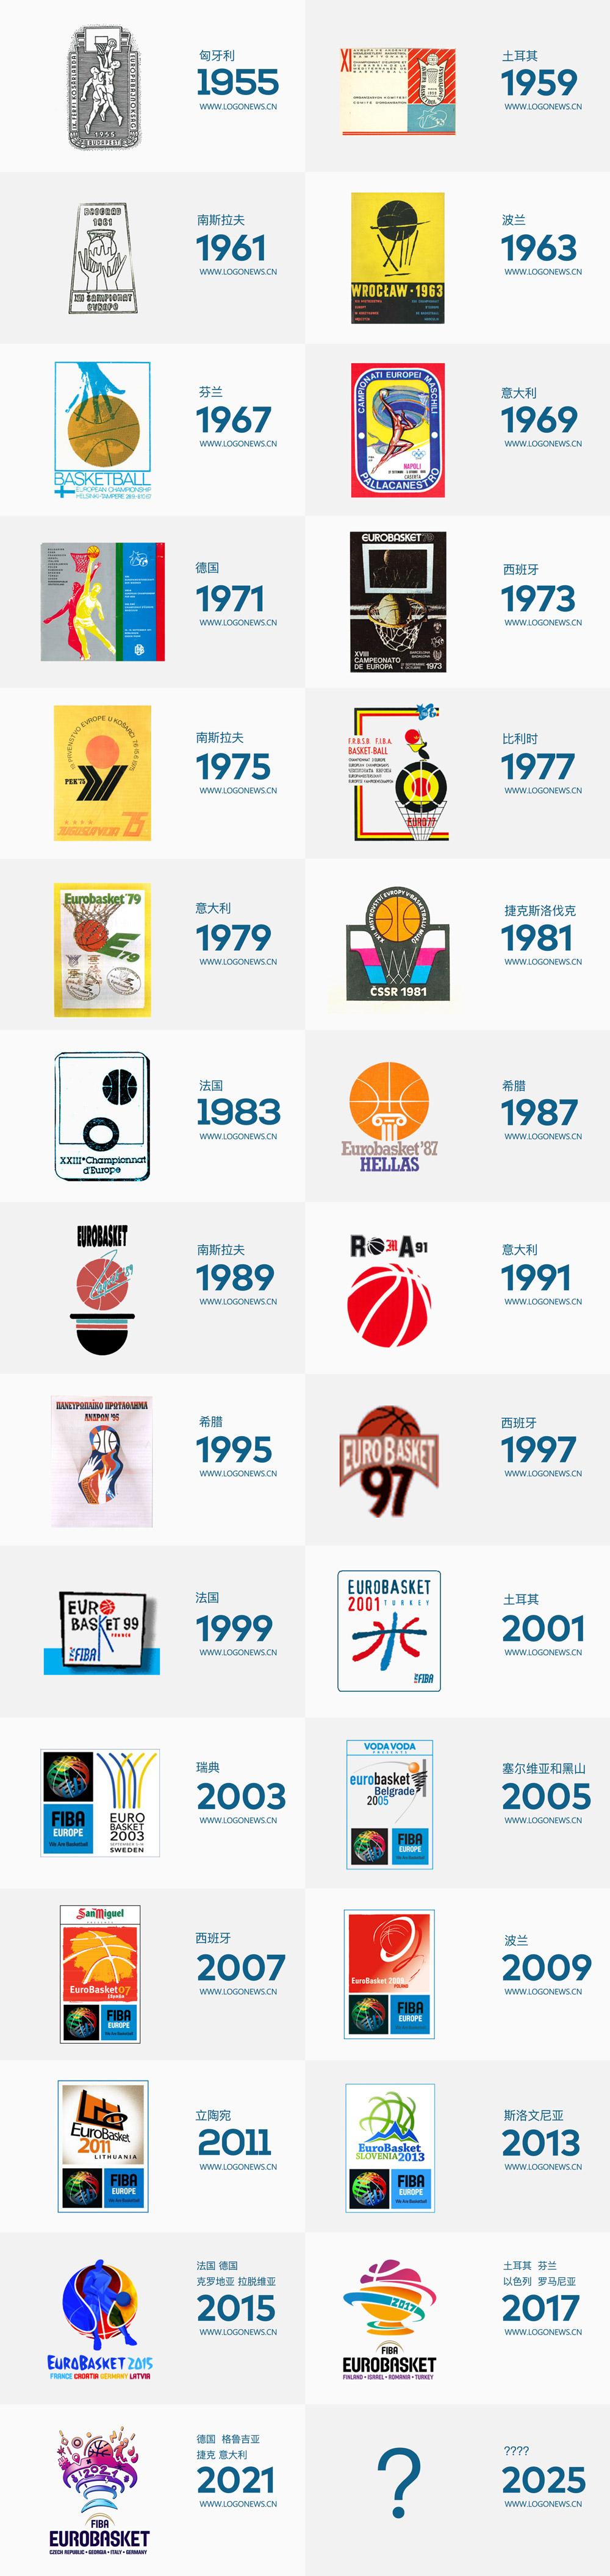 帶你去現場!2021年歐洲籃球錦標賽官方LOGO正式發布